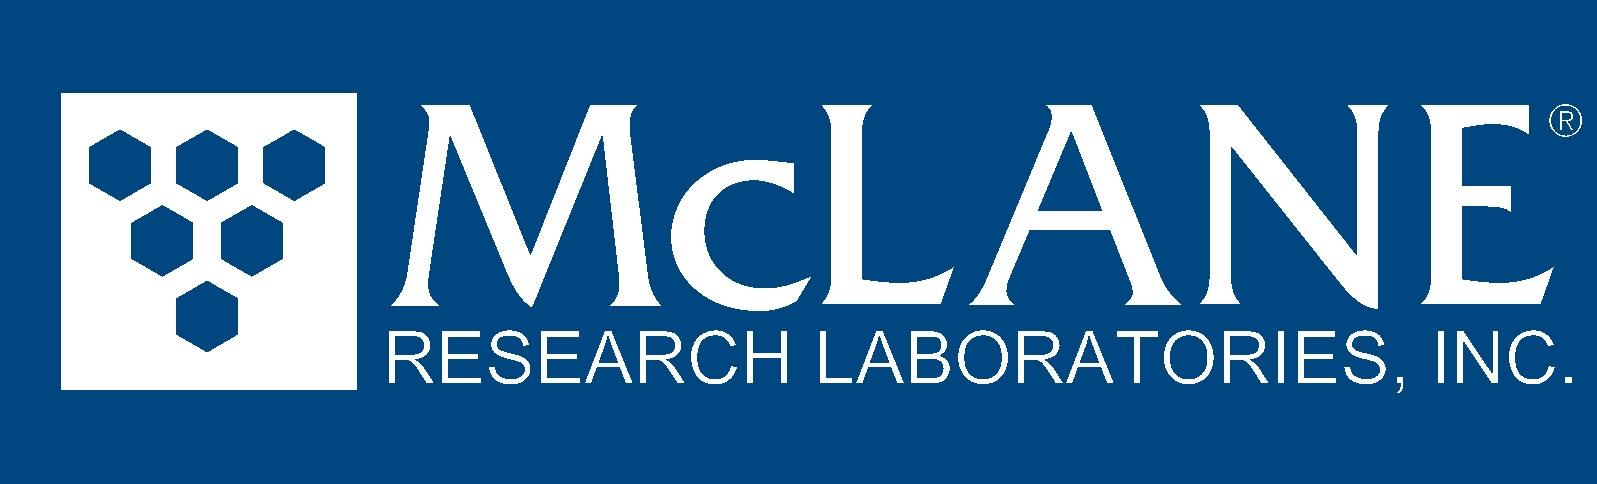 Distribution.McLane Logo PMS 541 Blue.jpg